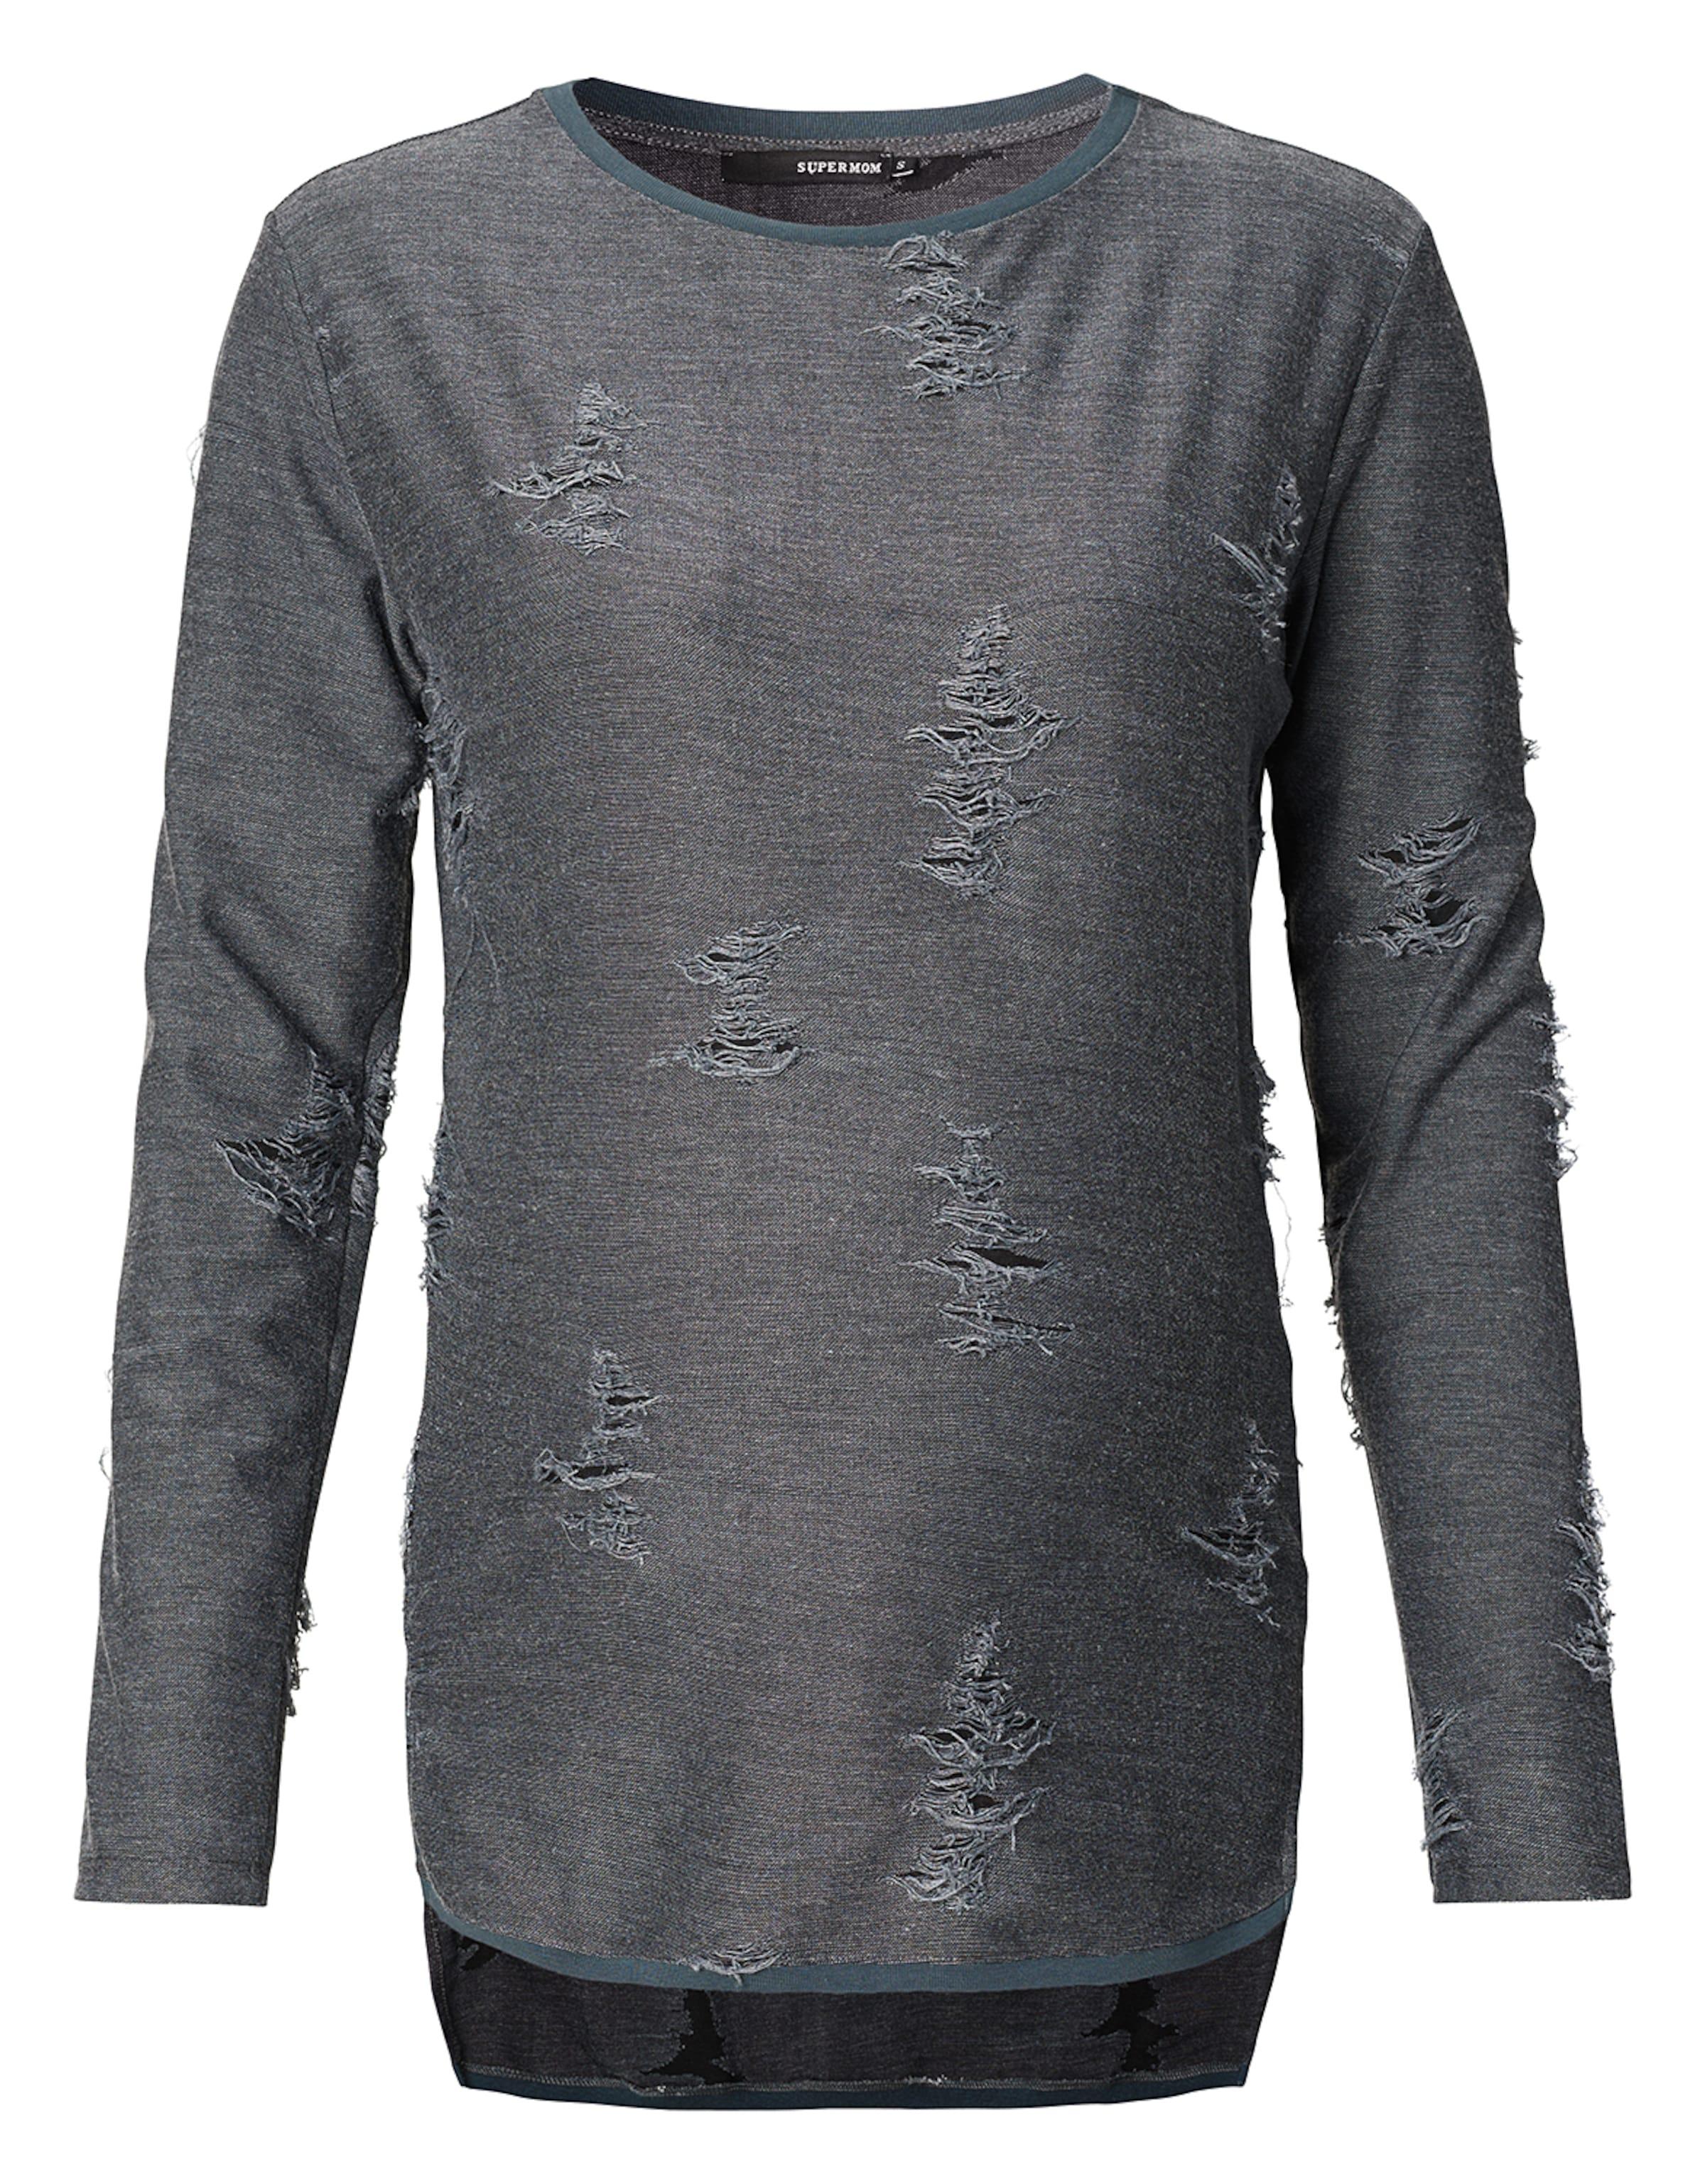 Noppies Pullover Zum Verkauf Zum Verkauf #NAME? 2018 Neuester Günstiger Preis Verkauf Footaction UrBaN9iUxV